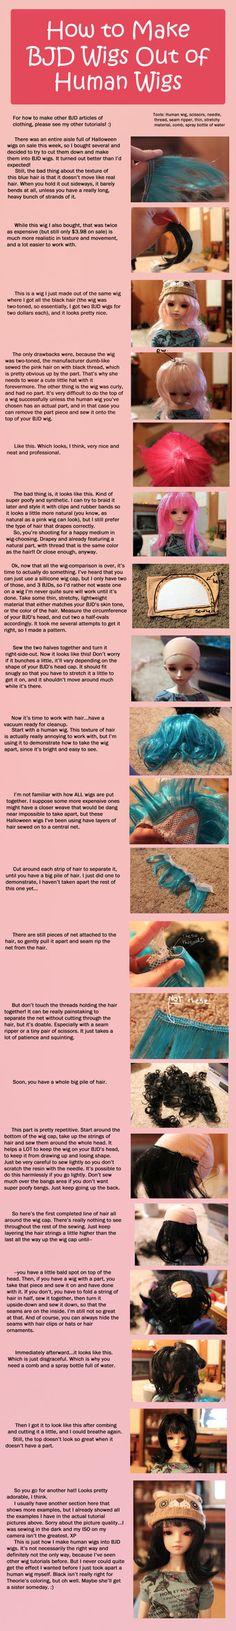 How to make BJD wigs from human wigs RodianAngel.devia … on deviantART men toupee women toupee Doll Wigs, Doll Hair, Ooak Dolls, Diy Doll, Doll Crafts, Doll Making Tutorials, Human Wigs, Doll Tutorial, Pants Tutorial